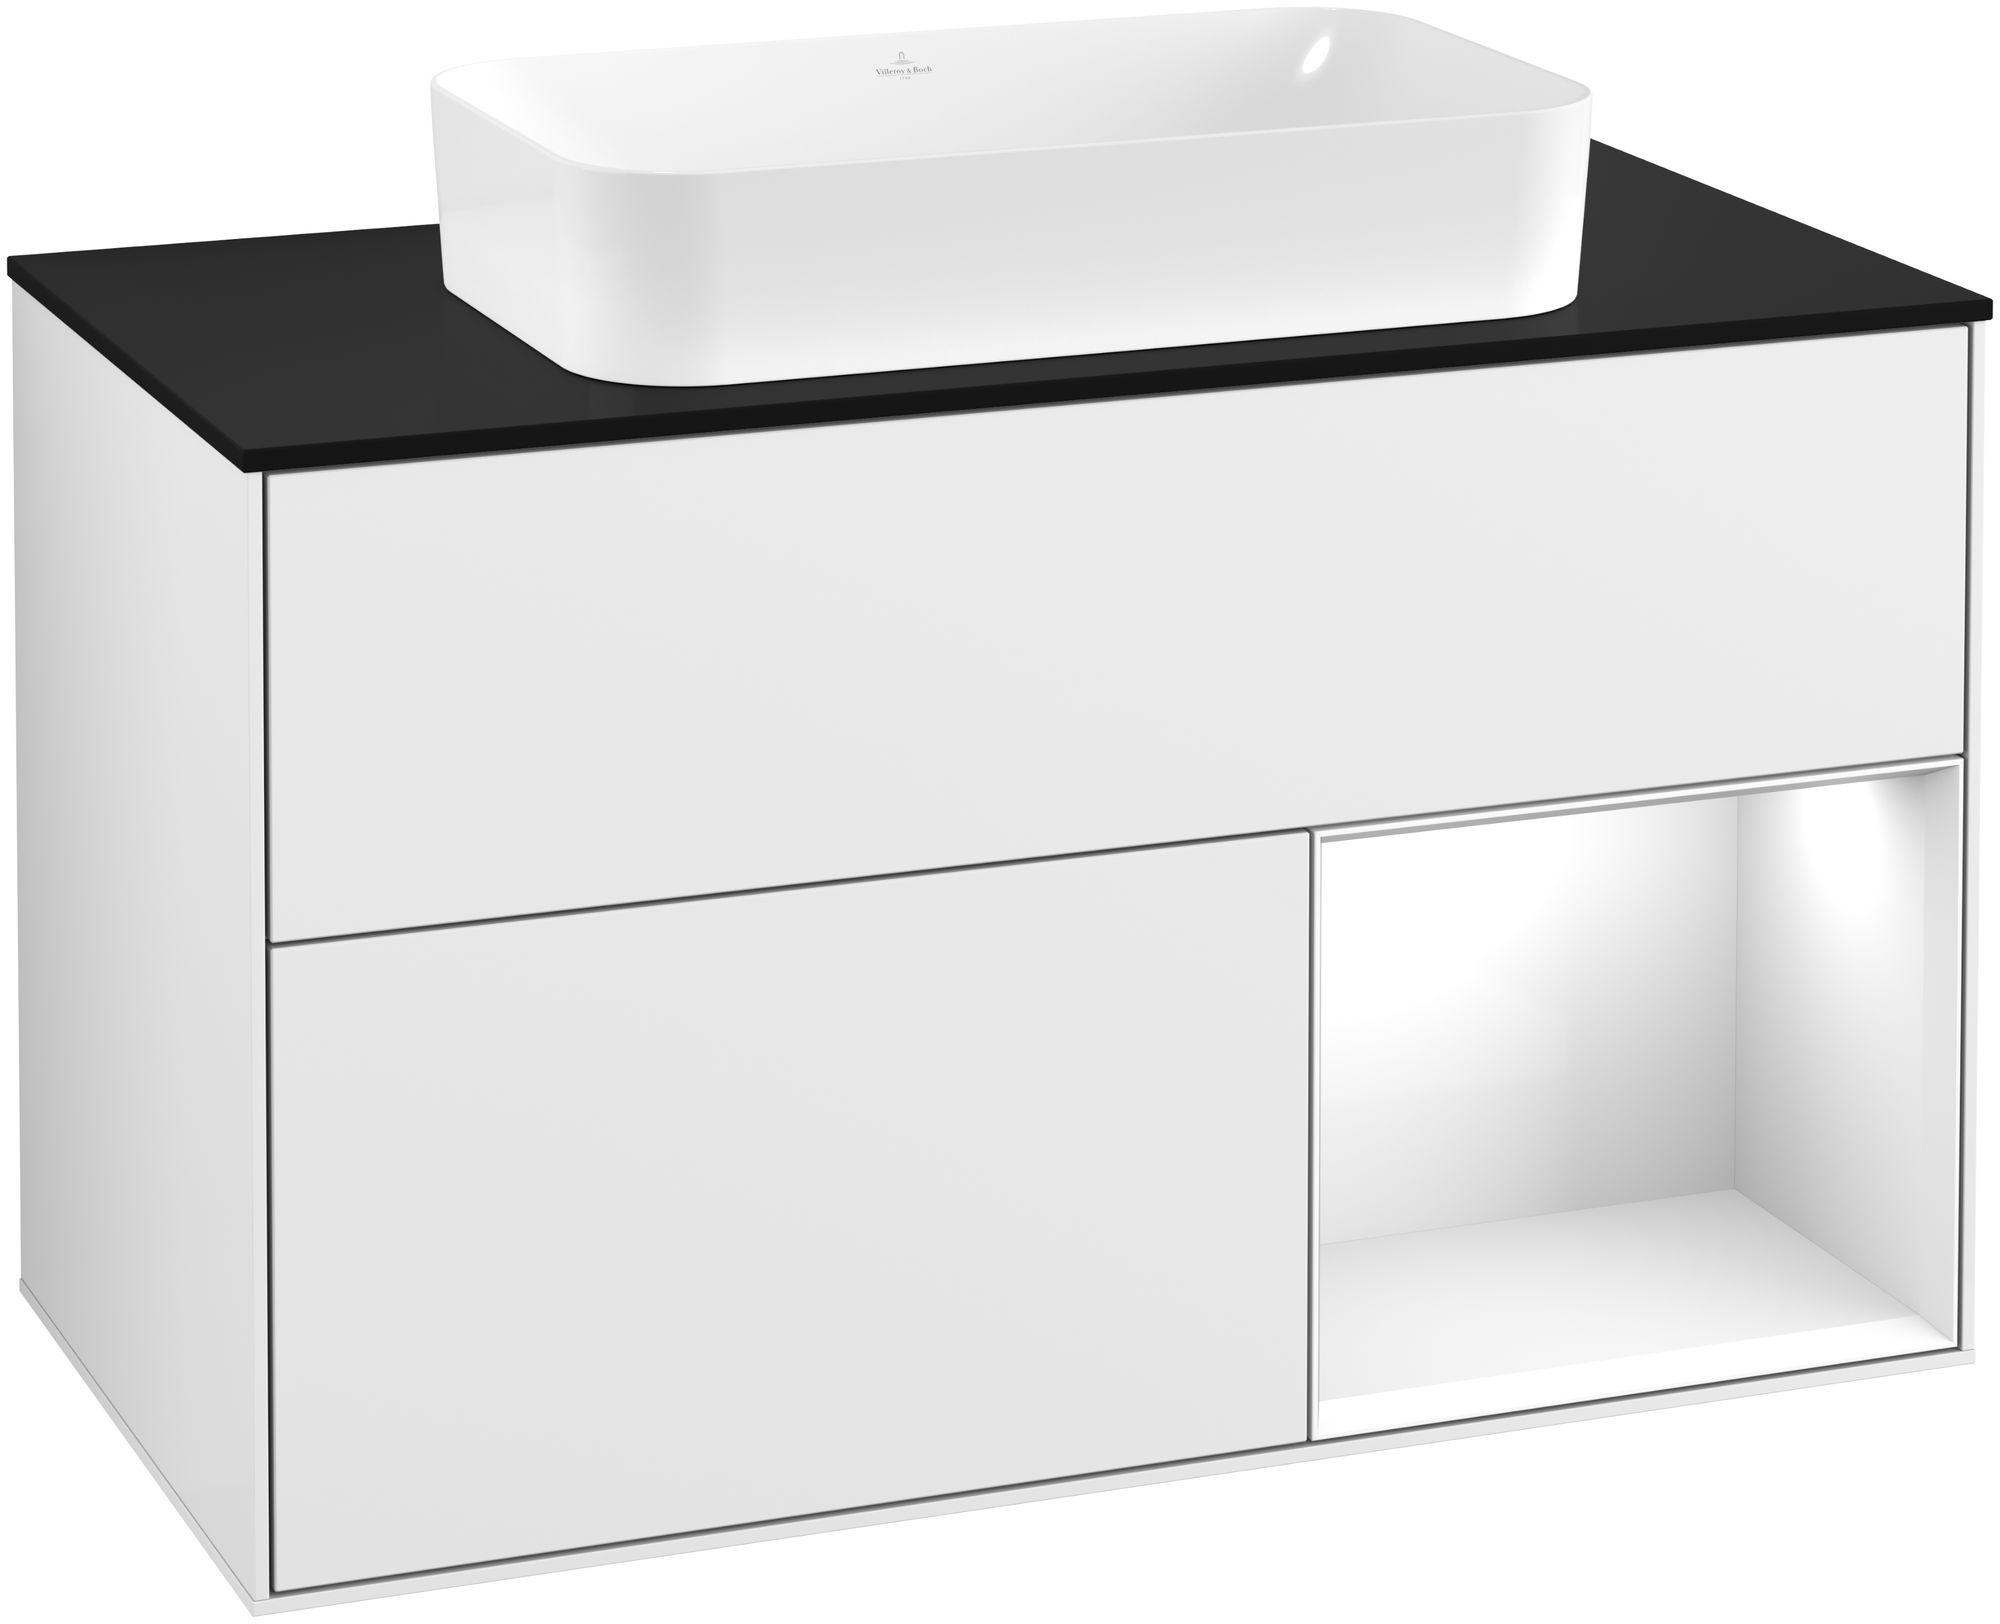 Villeroy & Boch Finion G25 Waschtischunterschrank mit Regalelement 2 Auszüge Waschtisch mittig LED-Beleuchtung B:100xH:60,3xT:50,1cm Front, Korpus: Glossy White Lack, Glasplatte: Black Matt G252GFGF